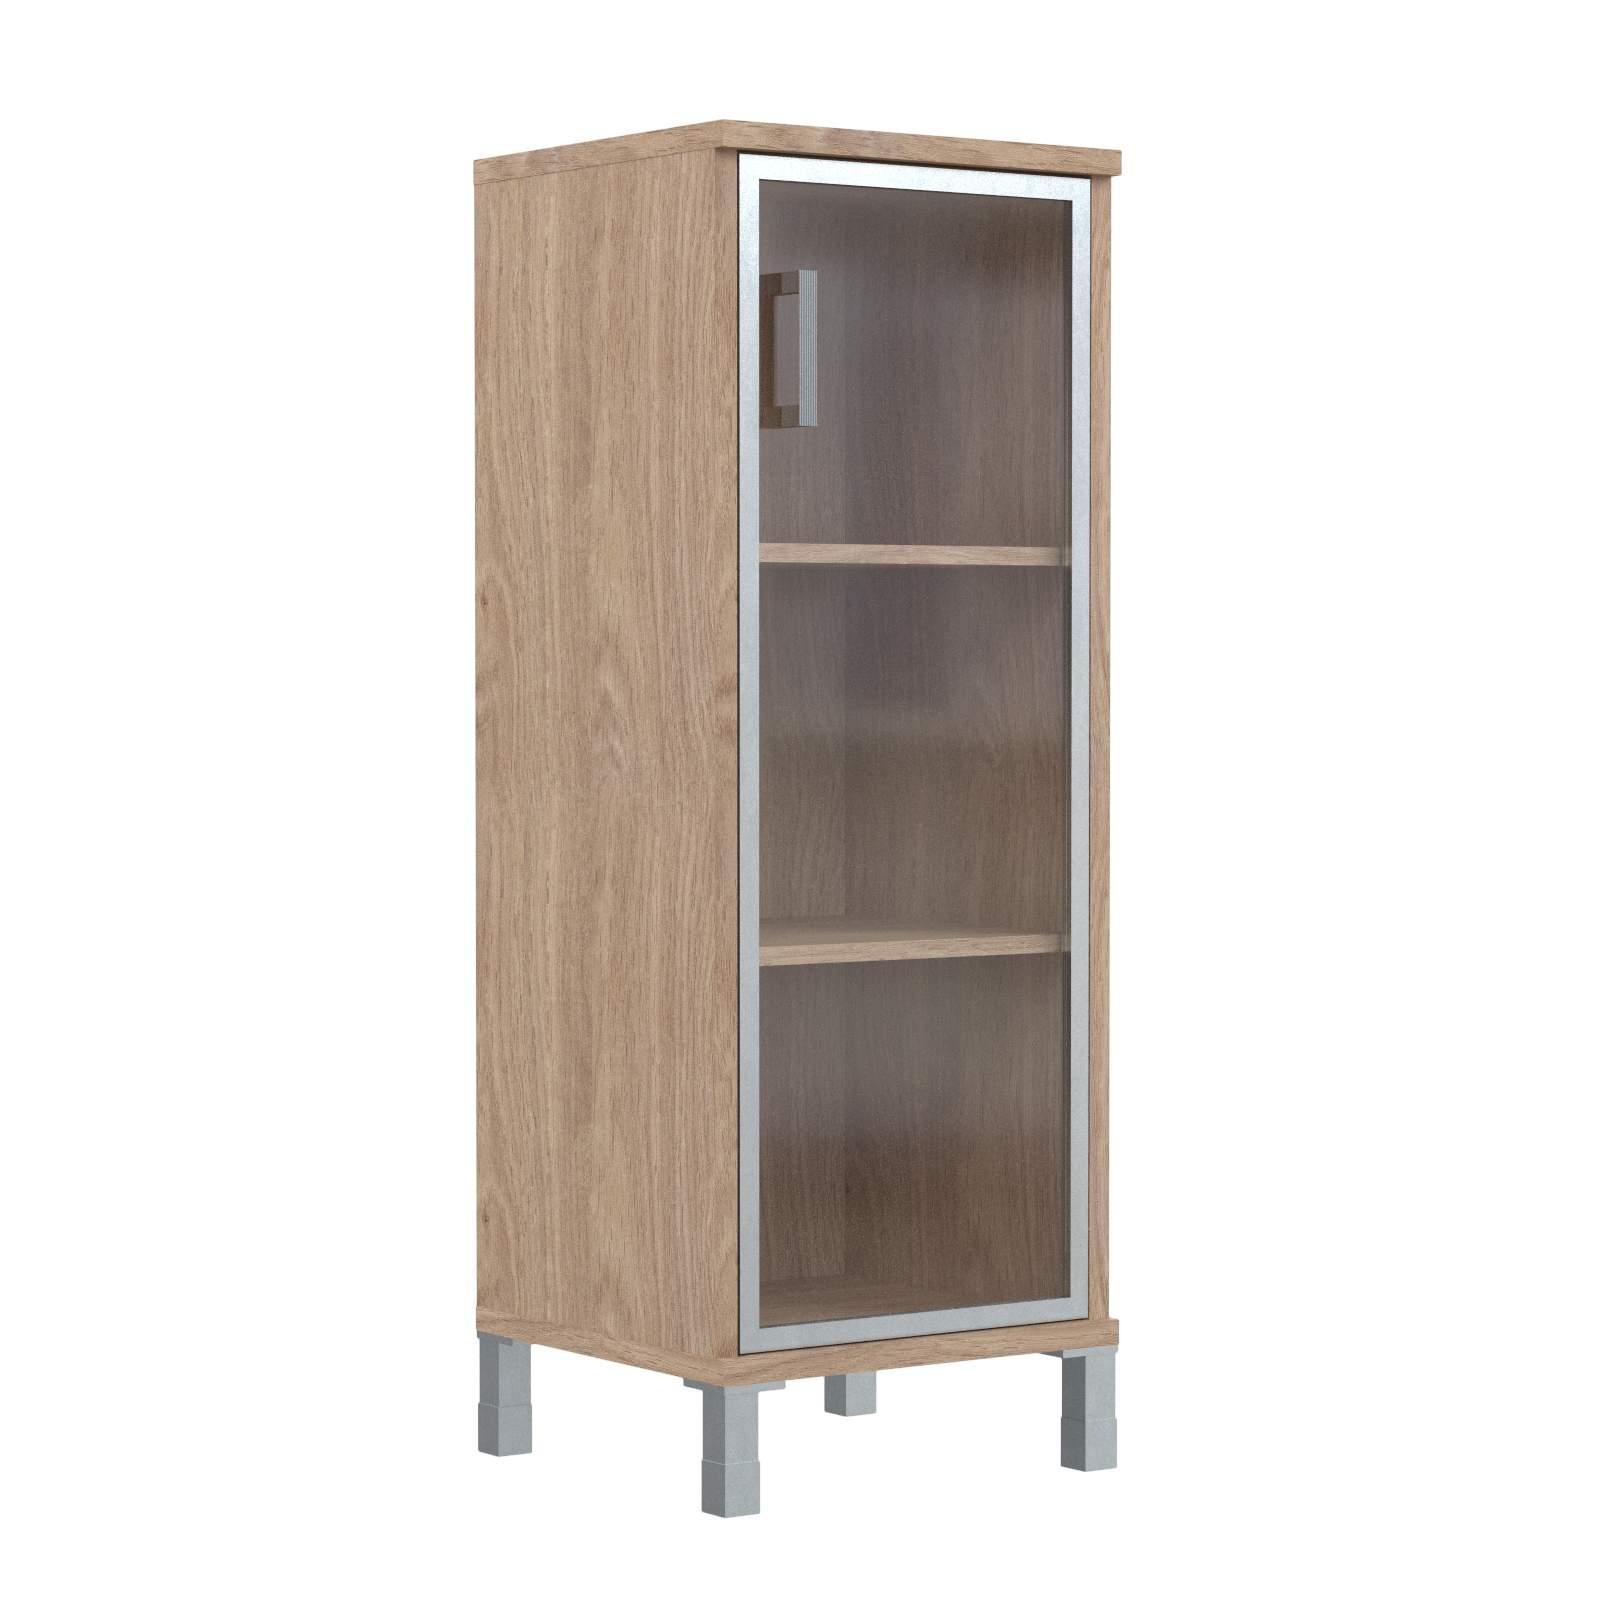 Шкаф колонка средняя со стеклянной дверью в алюм. рамке правая 475х435х1236